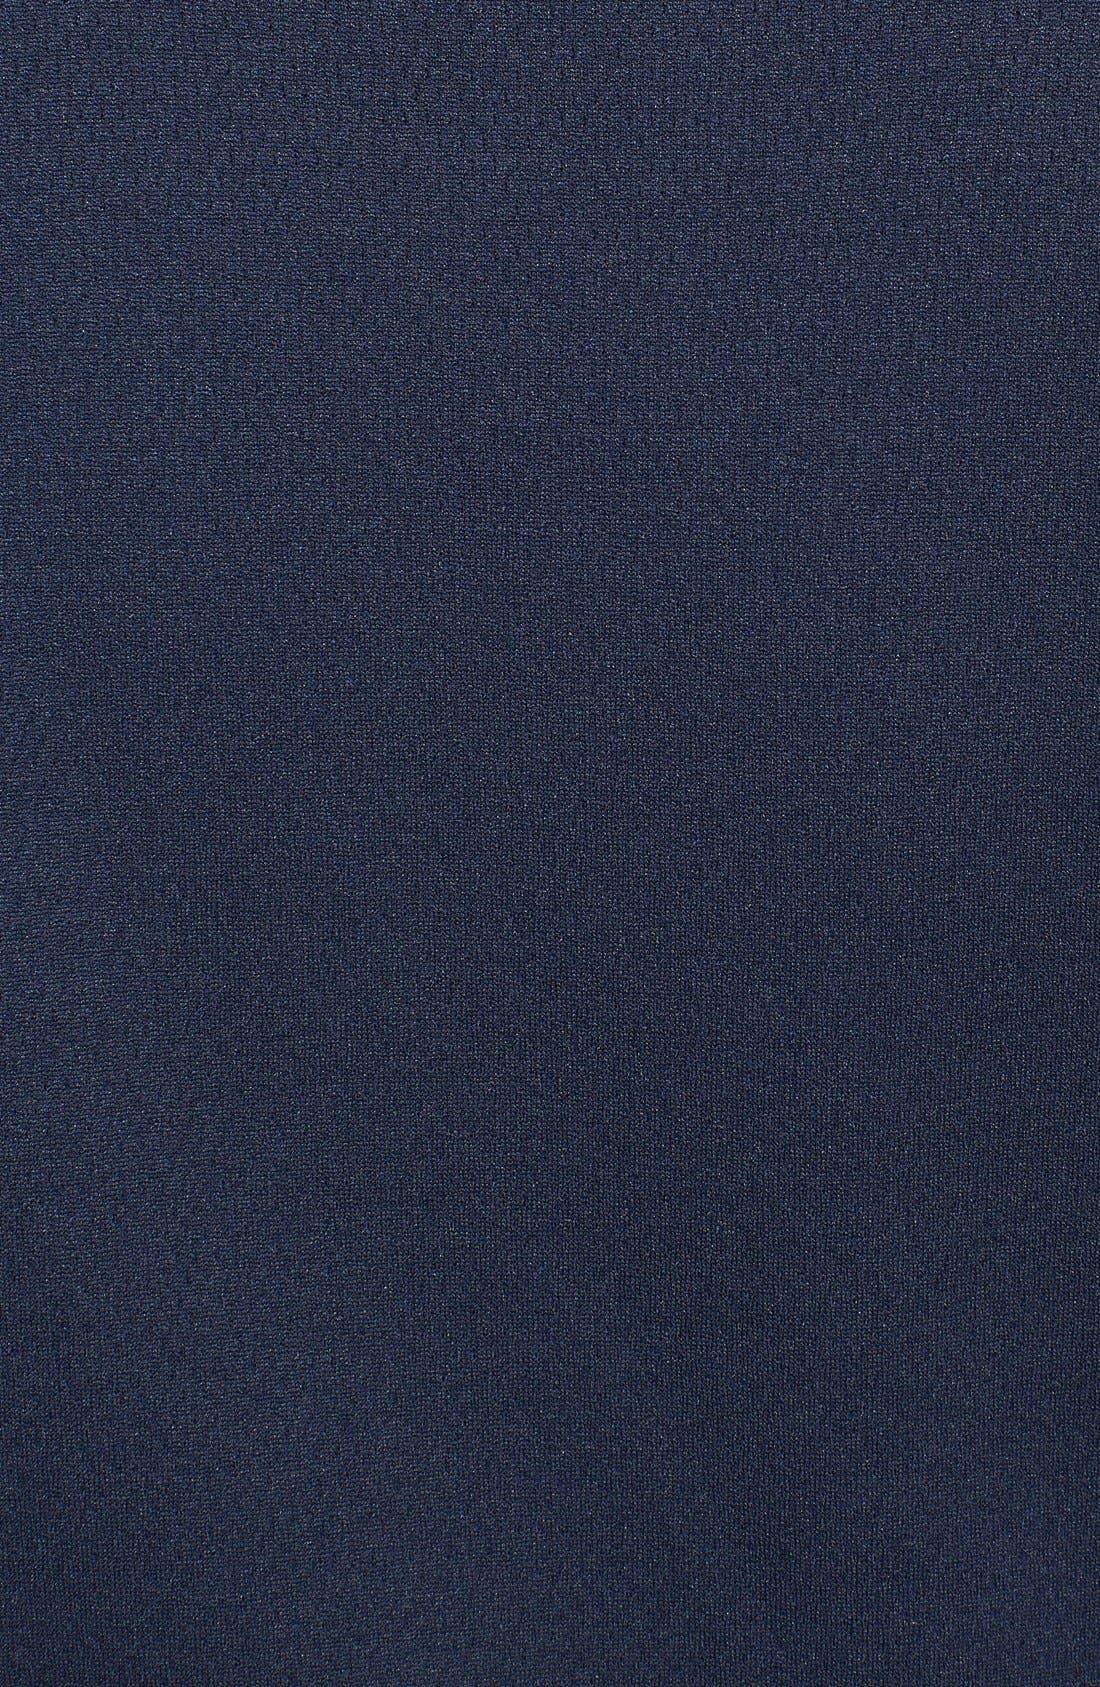 New York Giants - Edge DryTec Moisture Wicking Half Zip Pullover,                             Alternate thumbnail 3, color,                             420